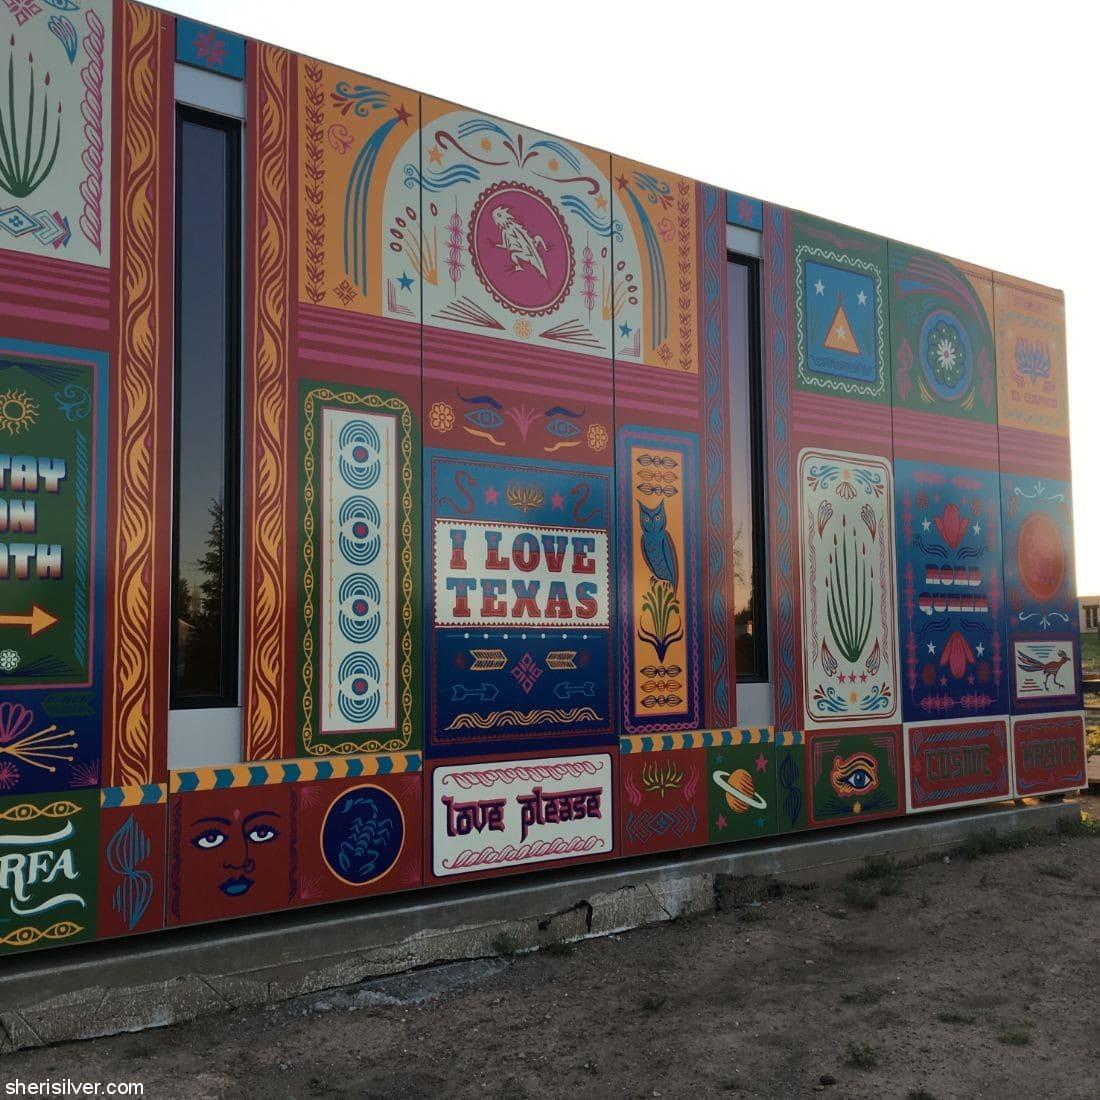 El Cosmico Marfa Texas l sherisilver.com